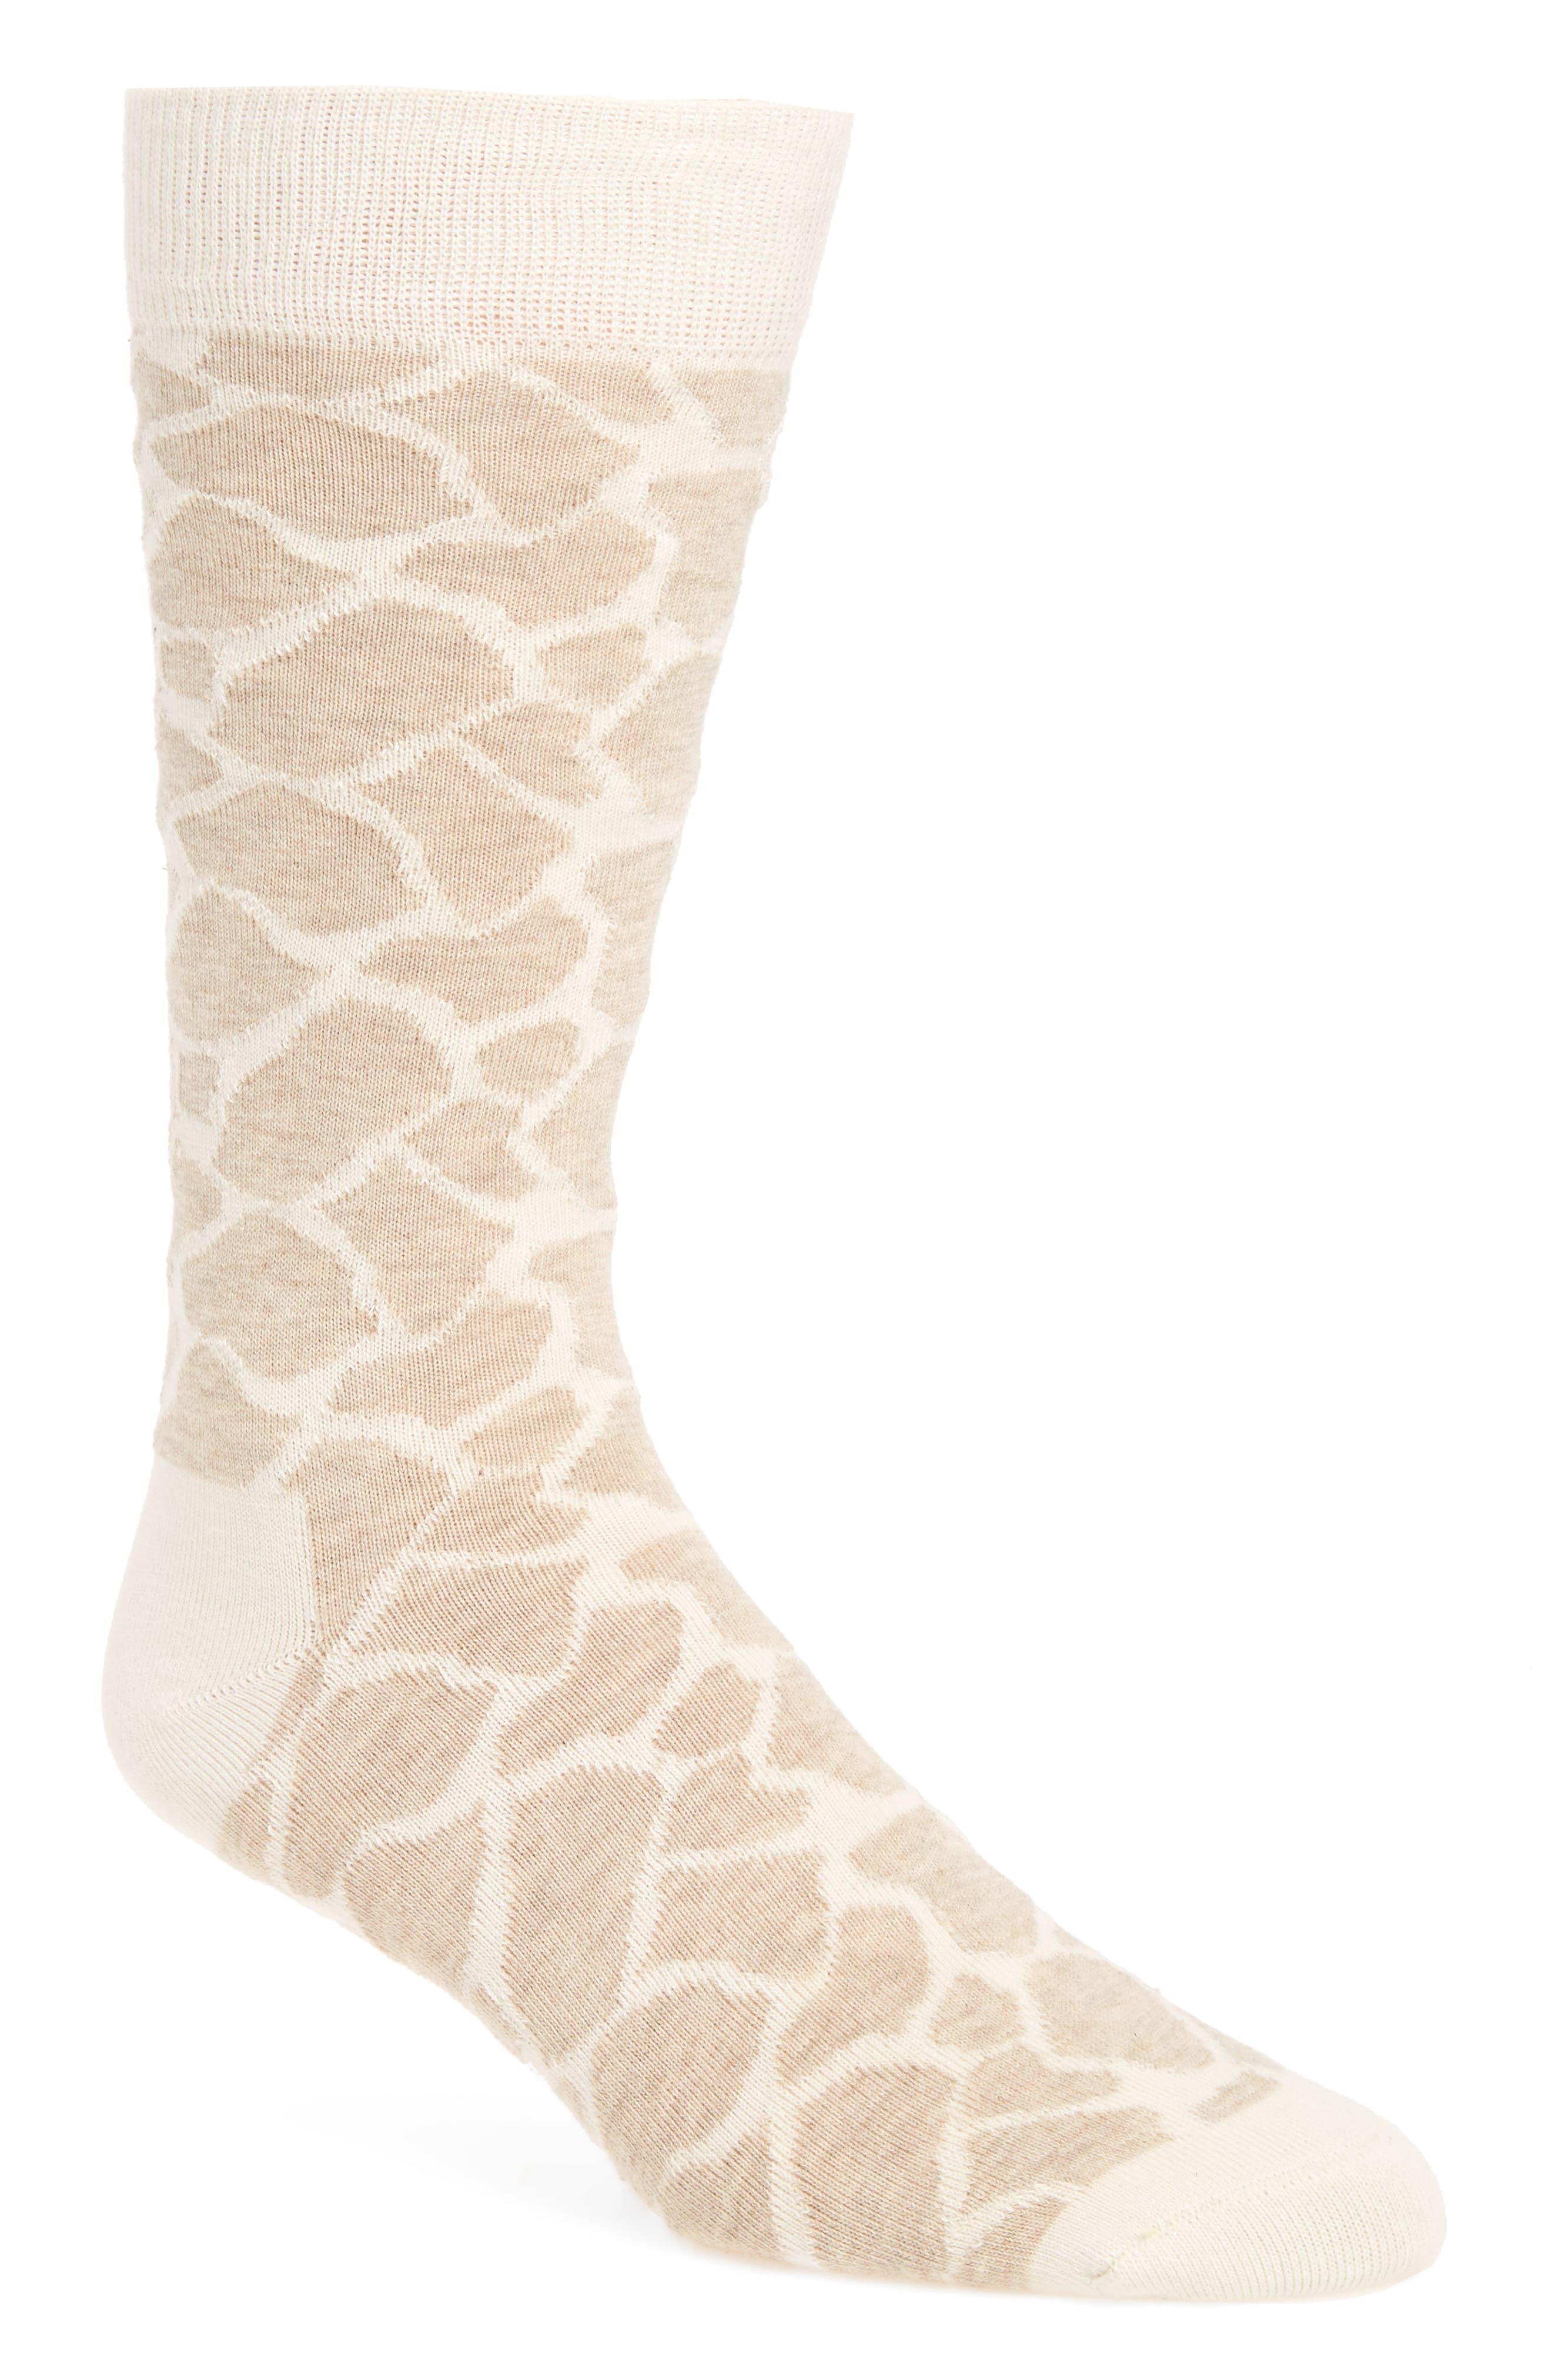 Happy Socks Giraffe Print Socks (3 for $30)